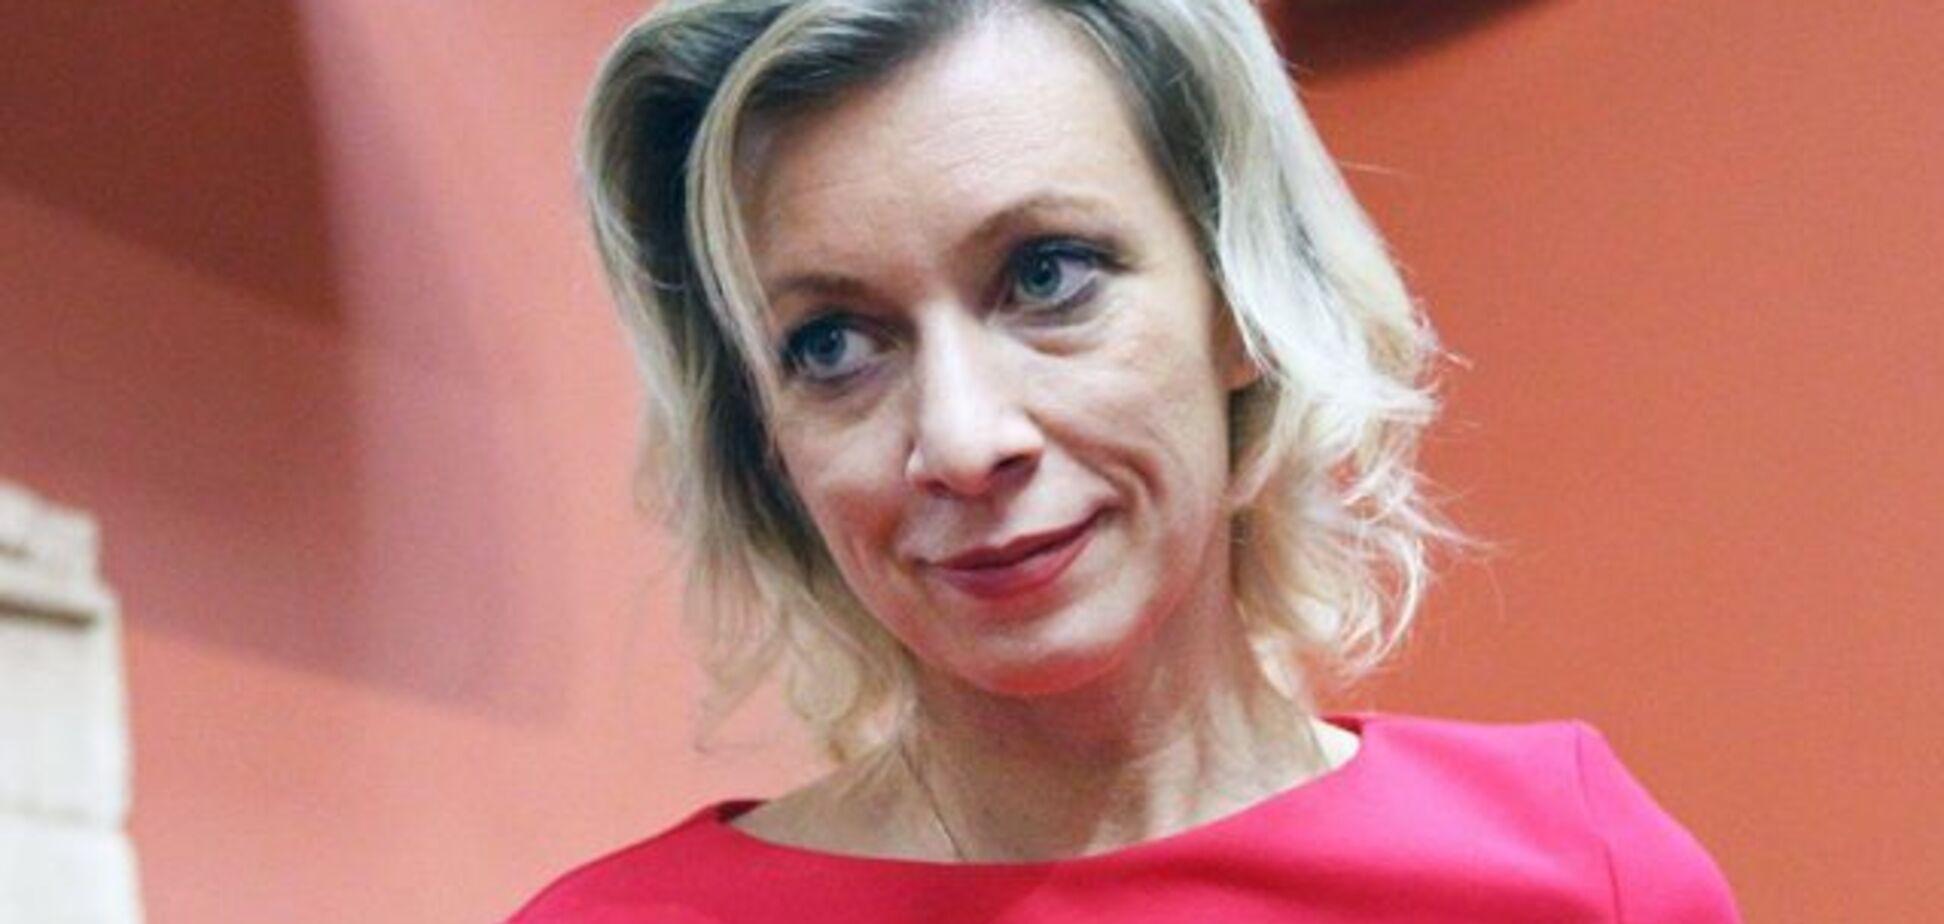 Скандал с российским послом в Великобритании: без Захаровой не обошлось